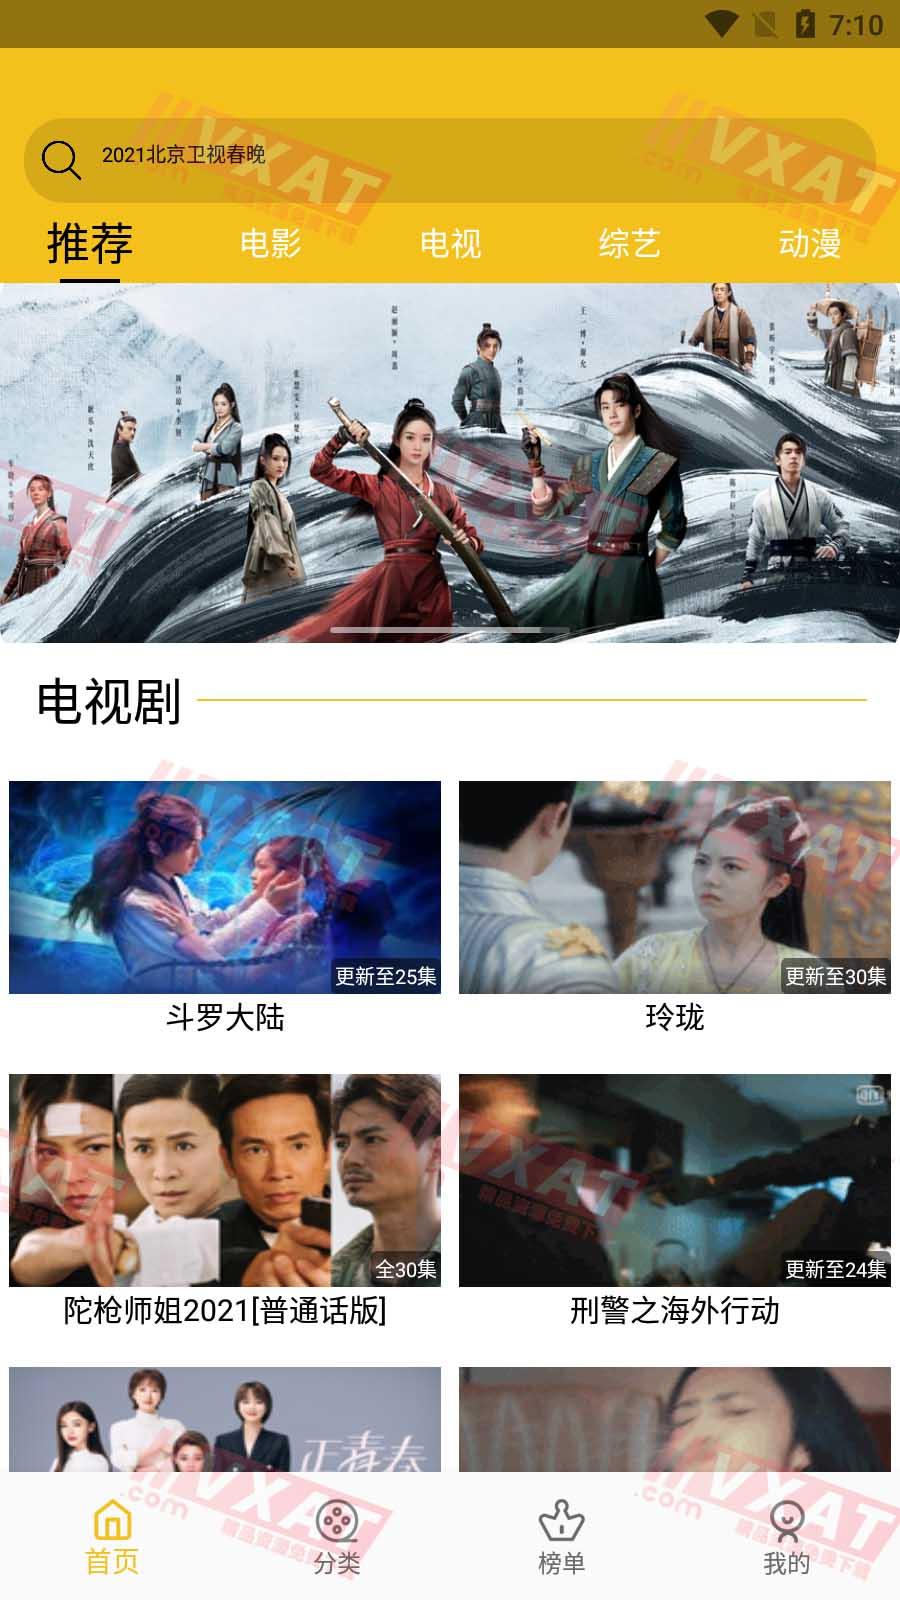 皇帝影视 v1.1.2 去广告安卓版 第1张